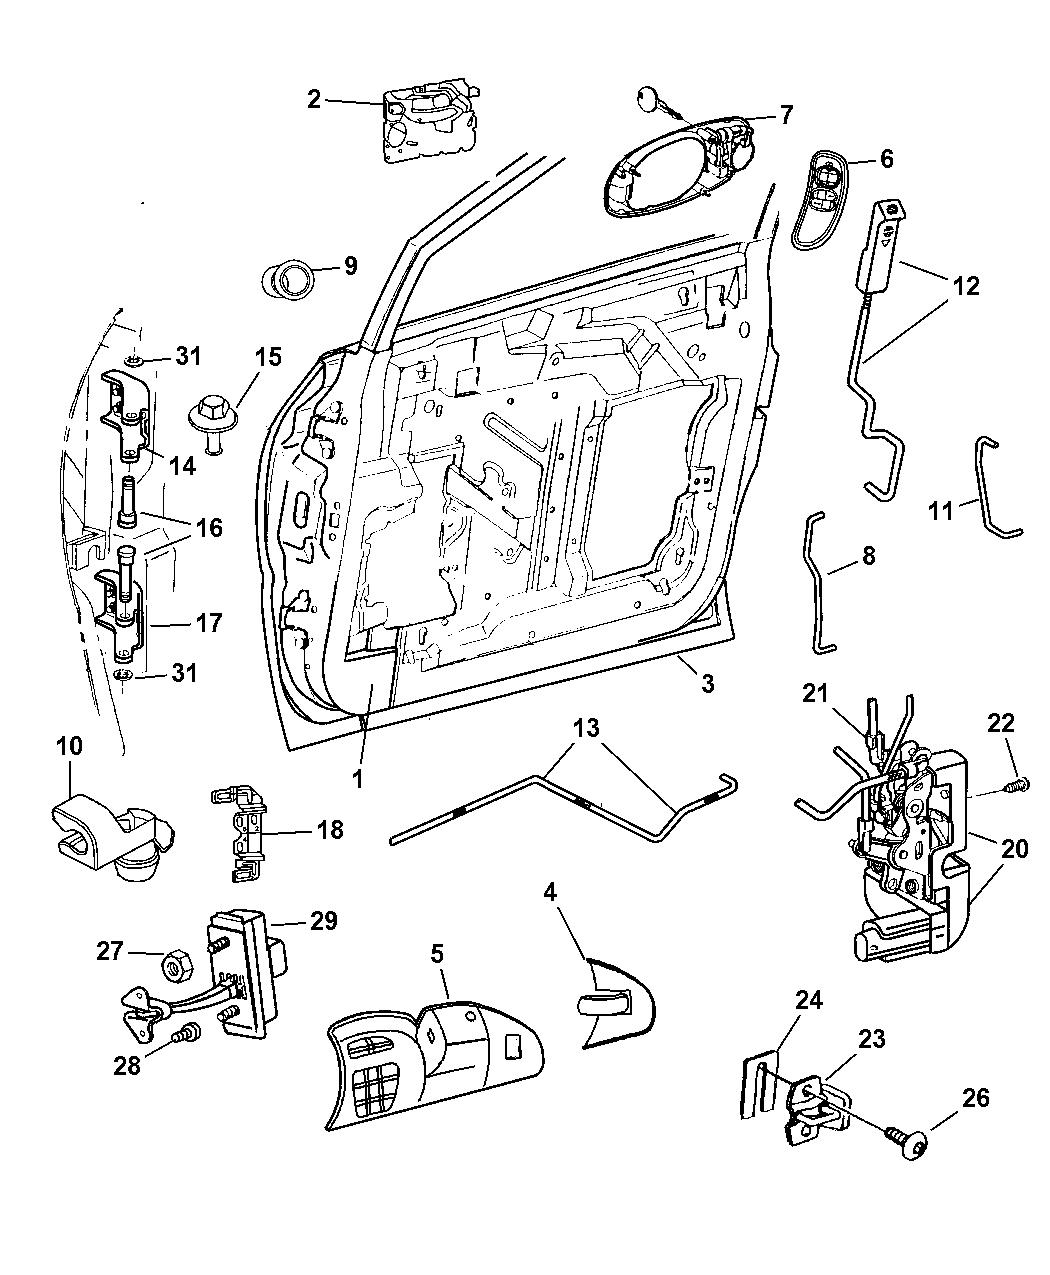 wz28evjaa